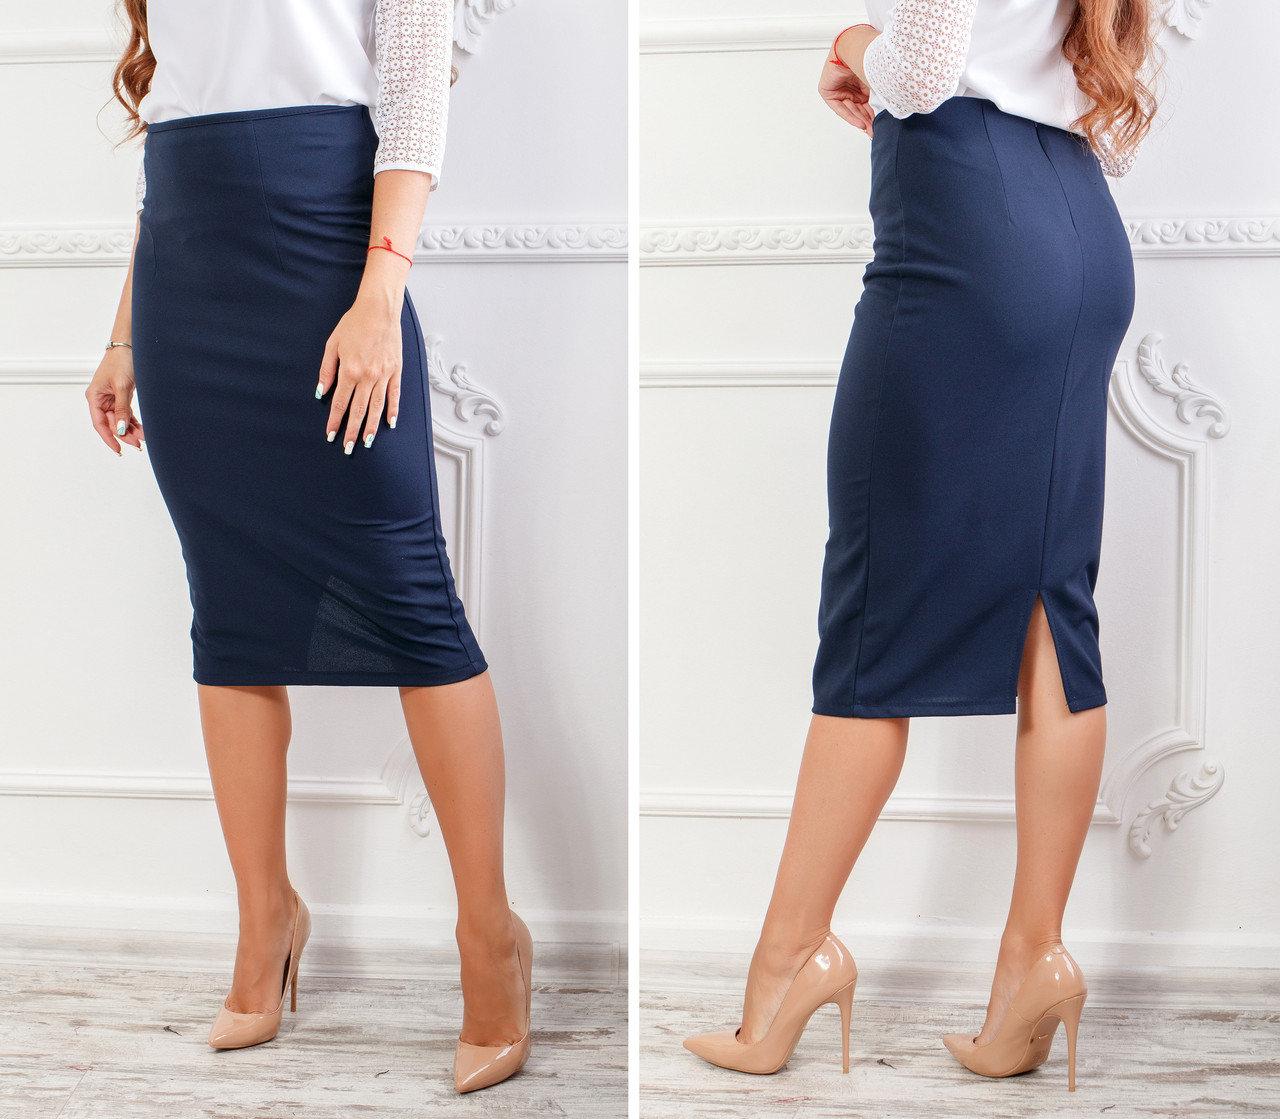 5 лучших образов с юбками на каждый день